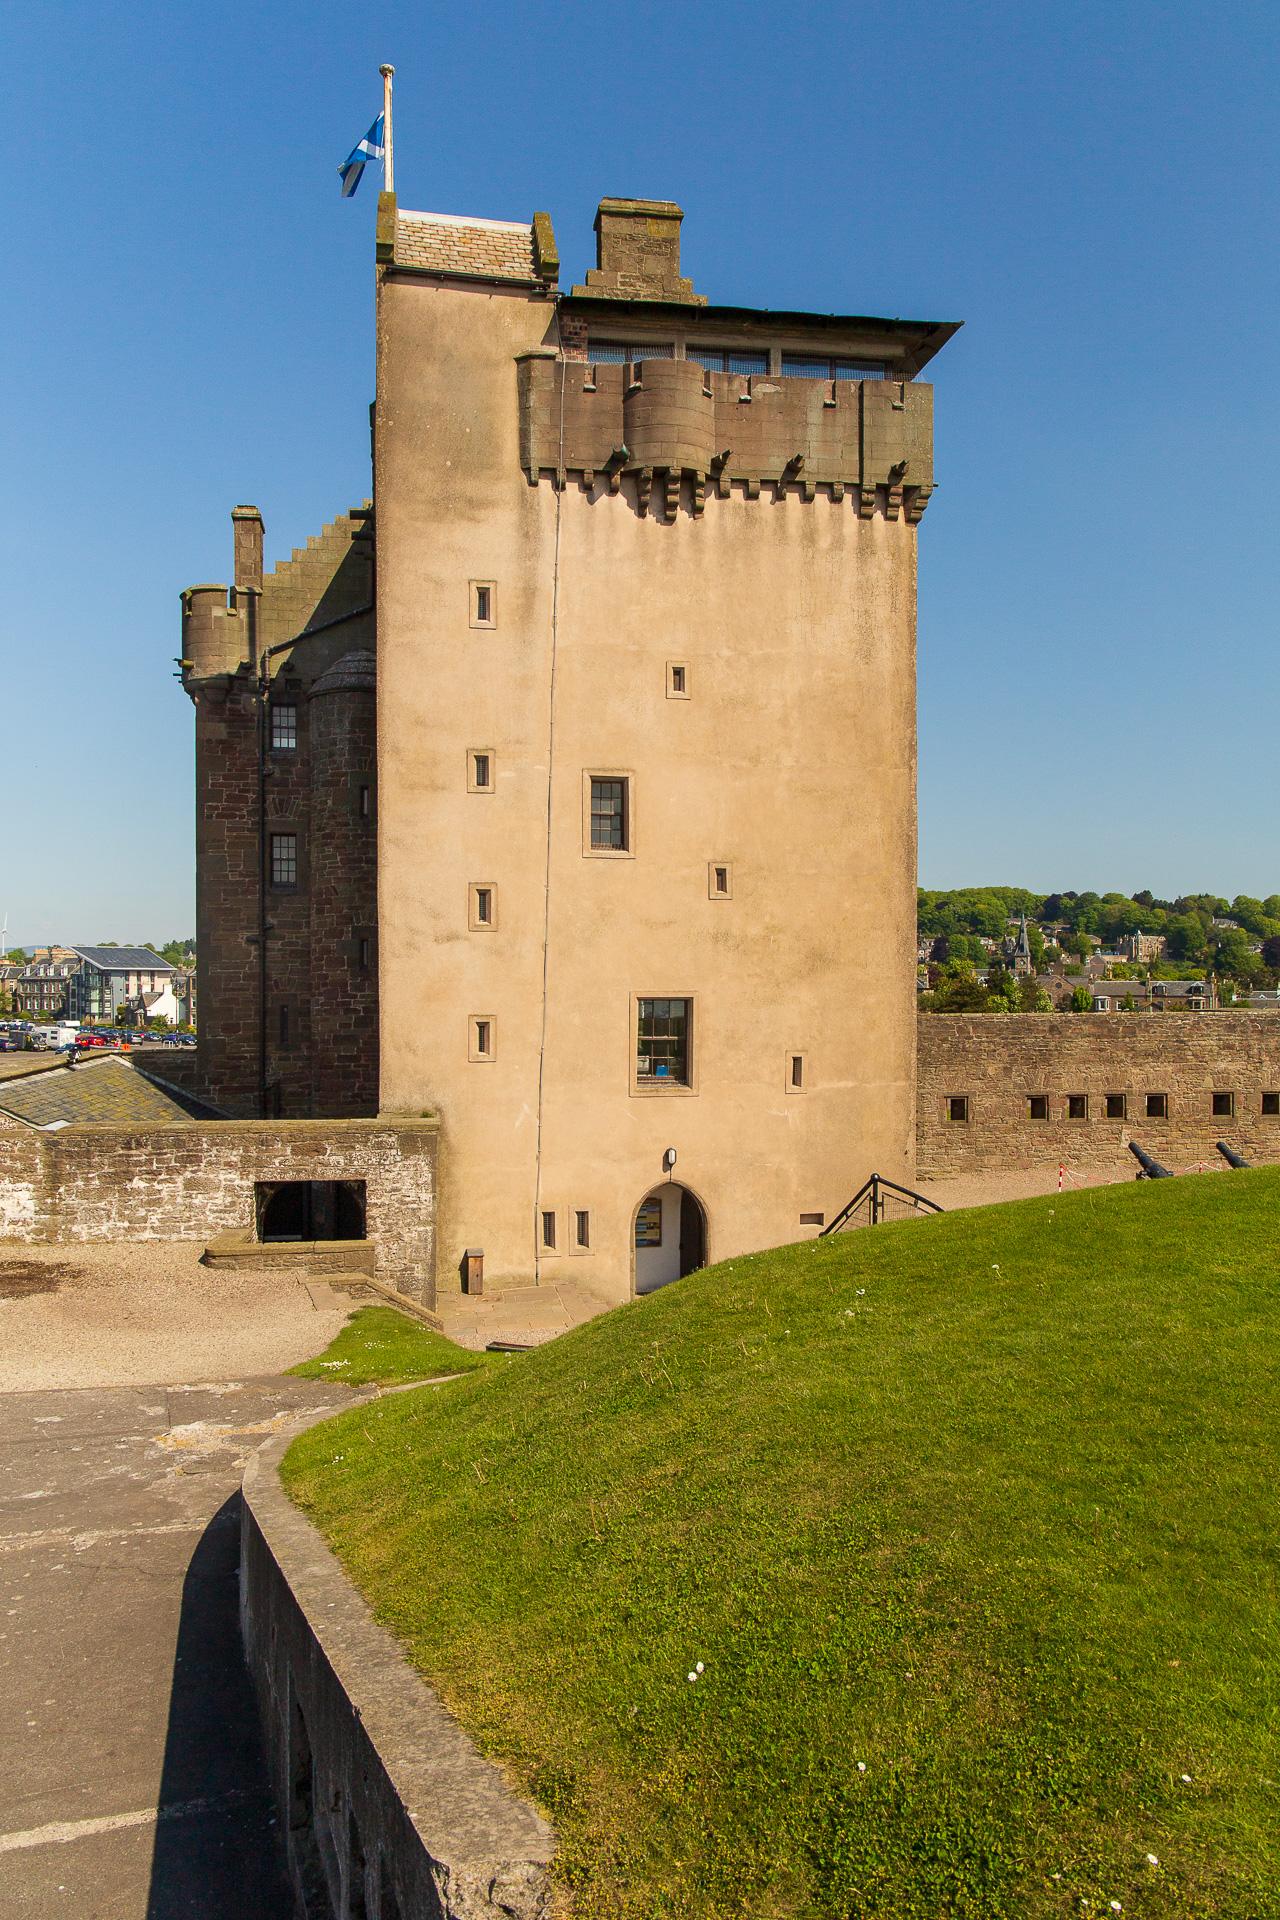 Ein typisches Towerhouse